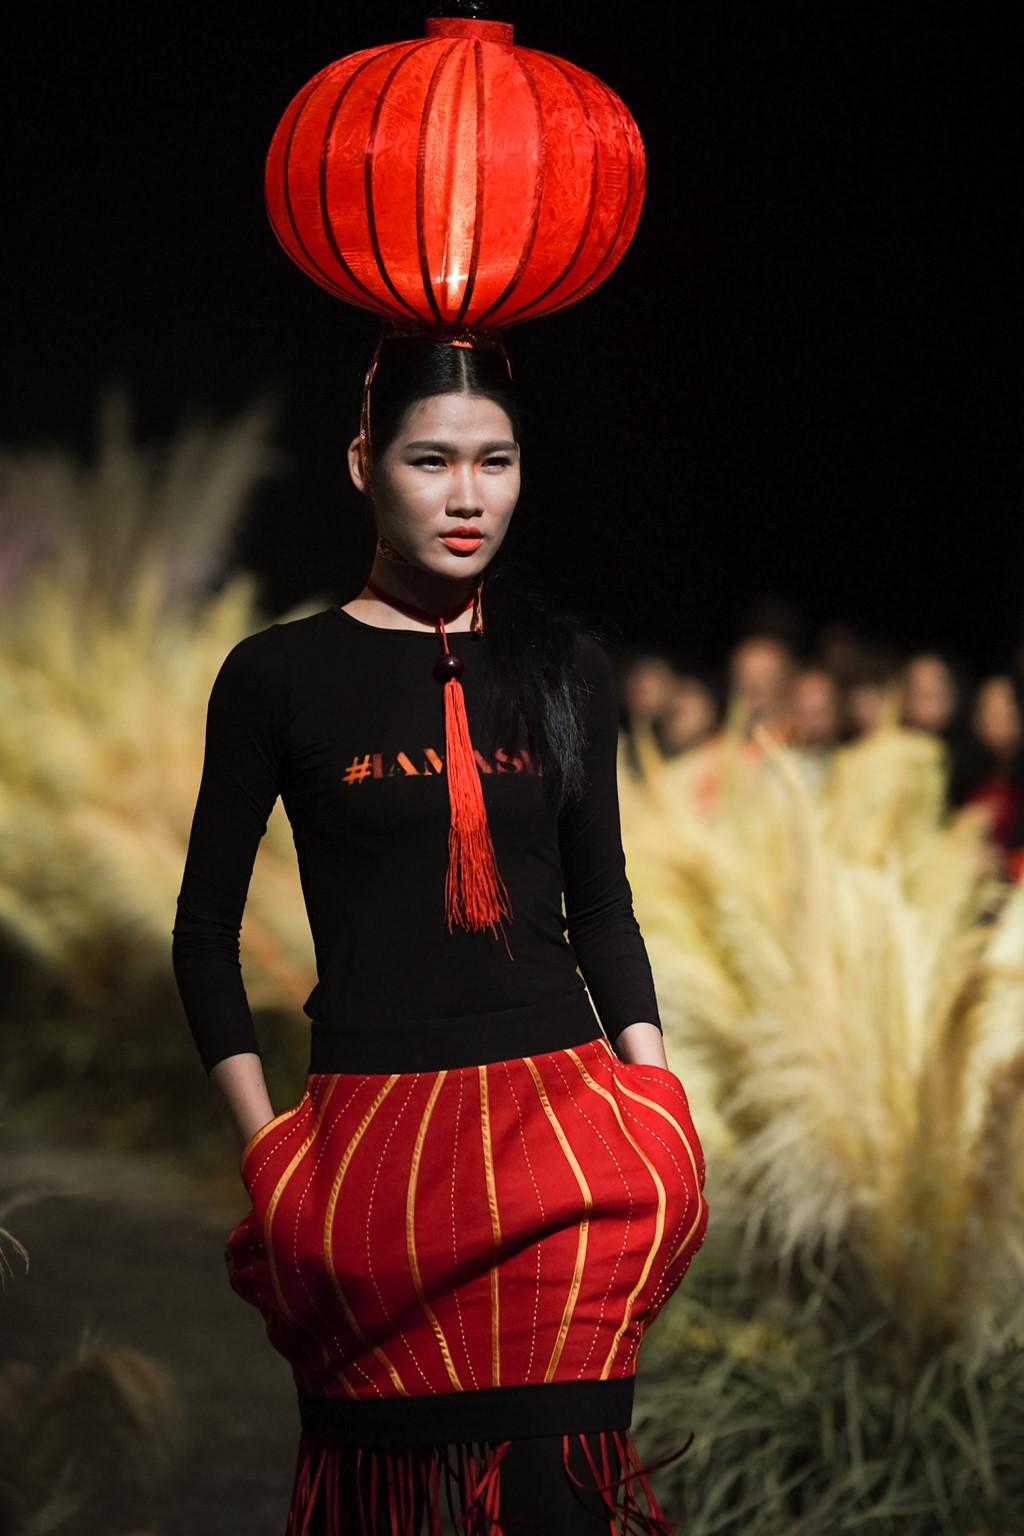 Thời trang: Đội hẳn bình nước lên đầu để biểu diễn đang là kiểu thời trang lạ nhất tại Việt Nam!